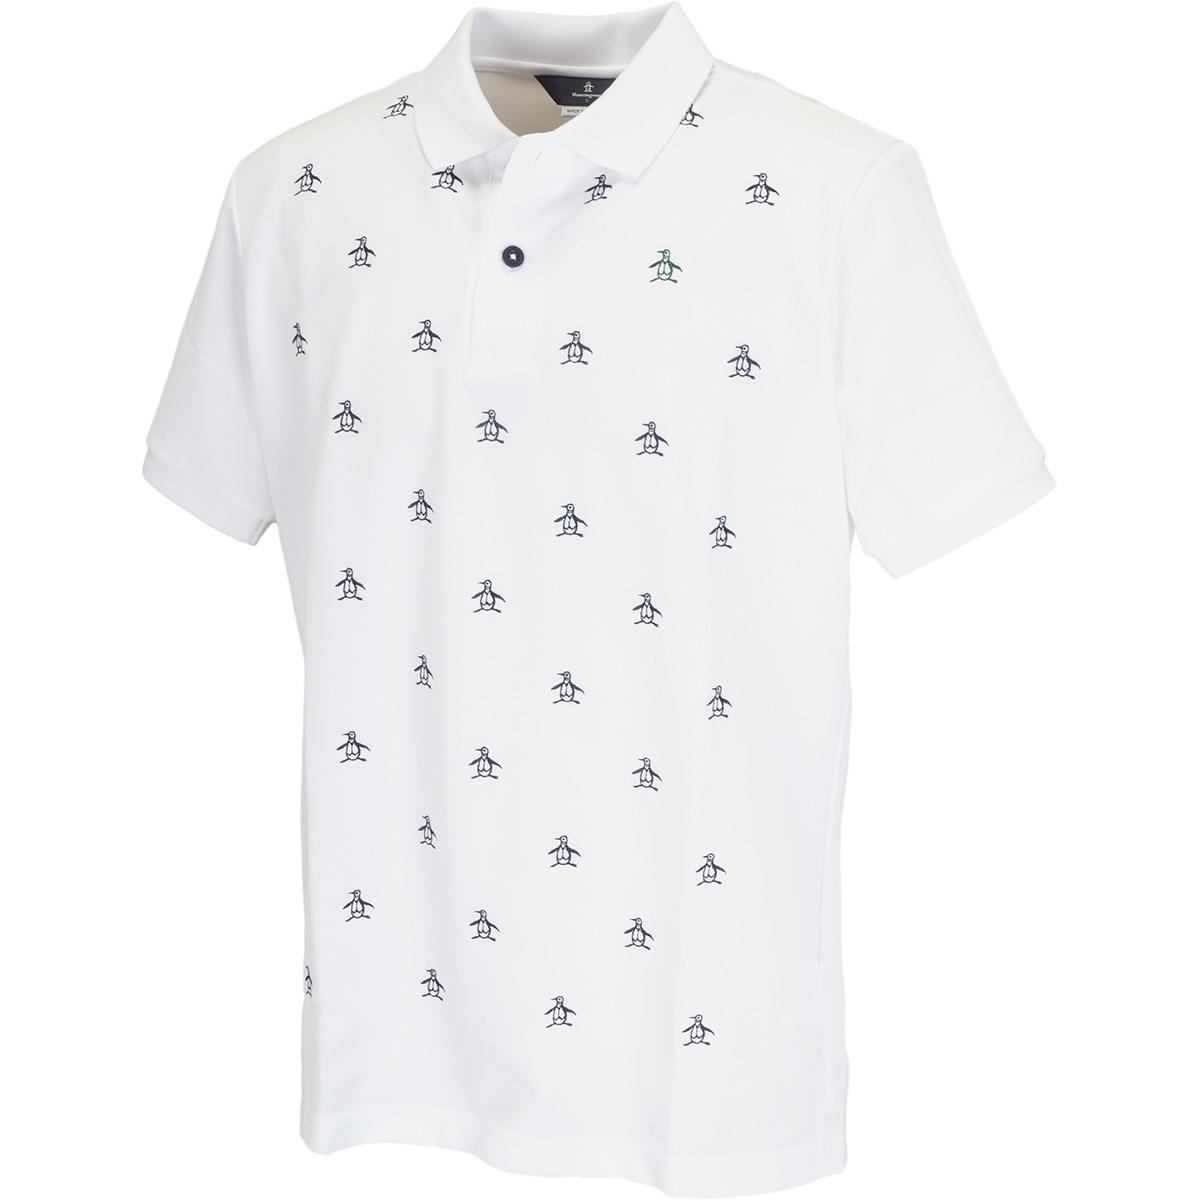 マナード裏鹿の子 ペンギン刺繍半袖ポロシャツ